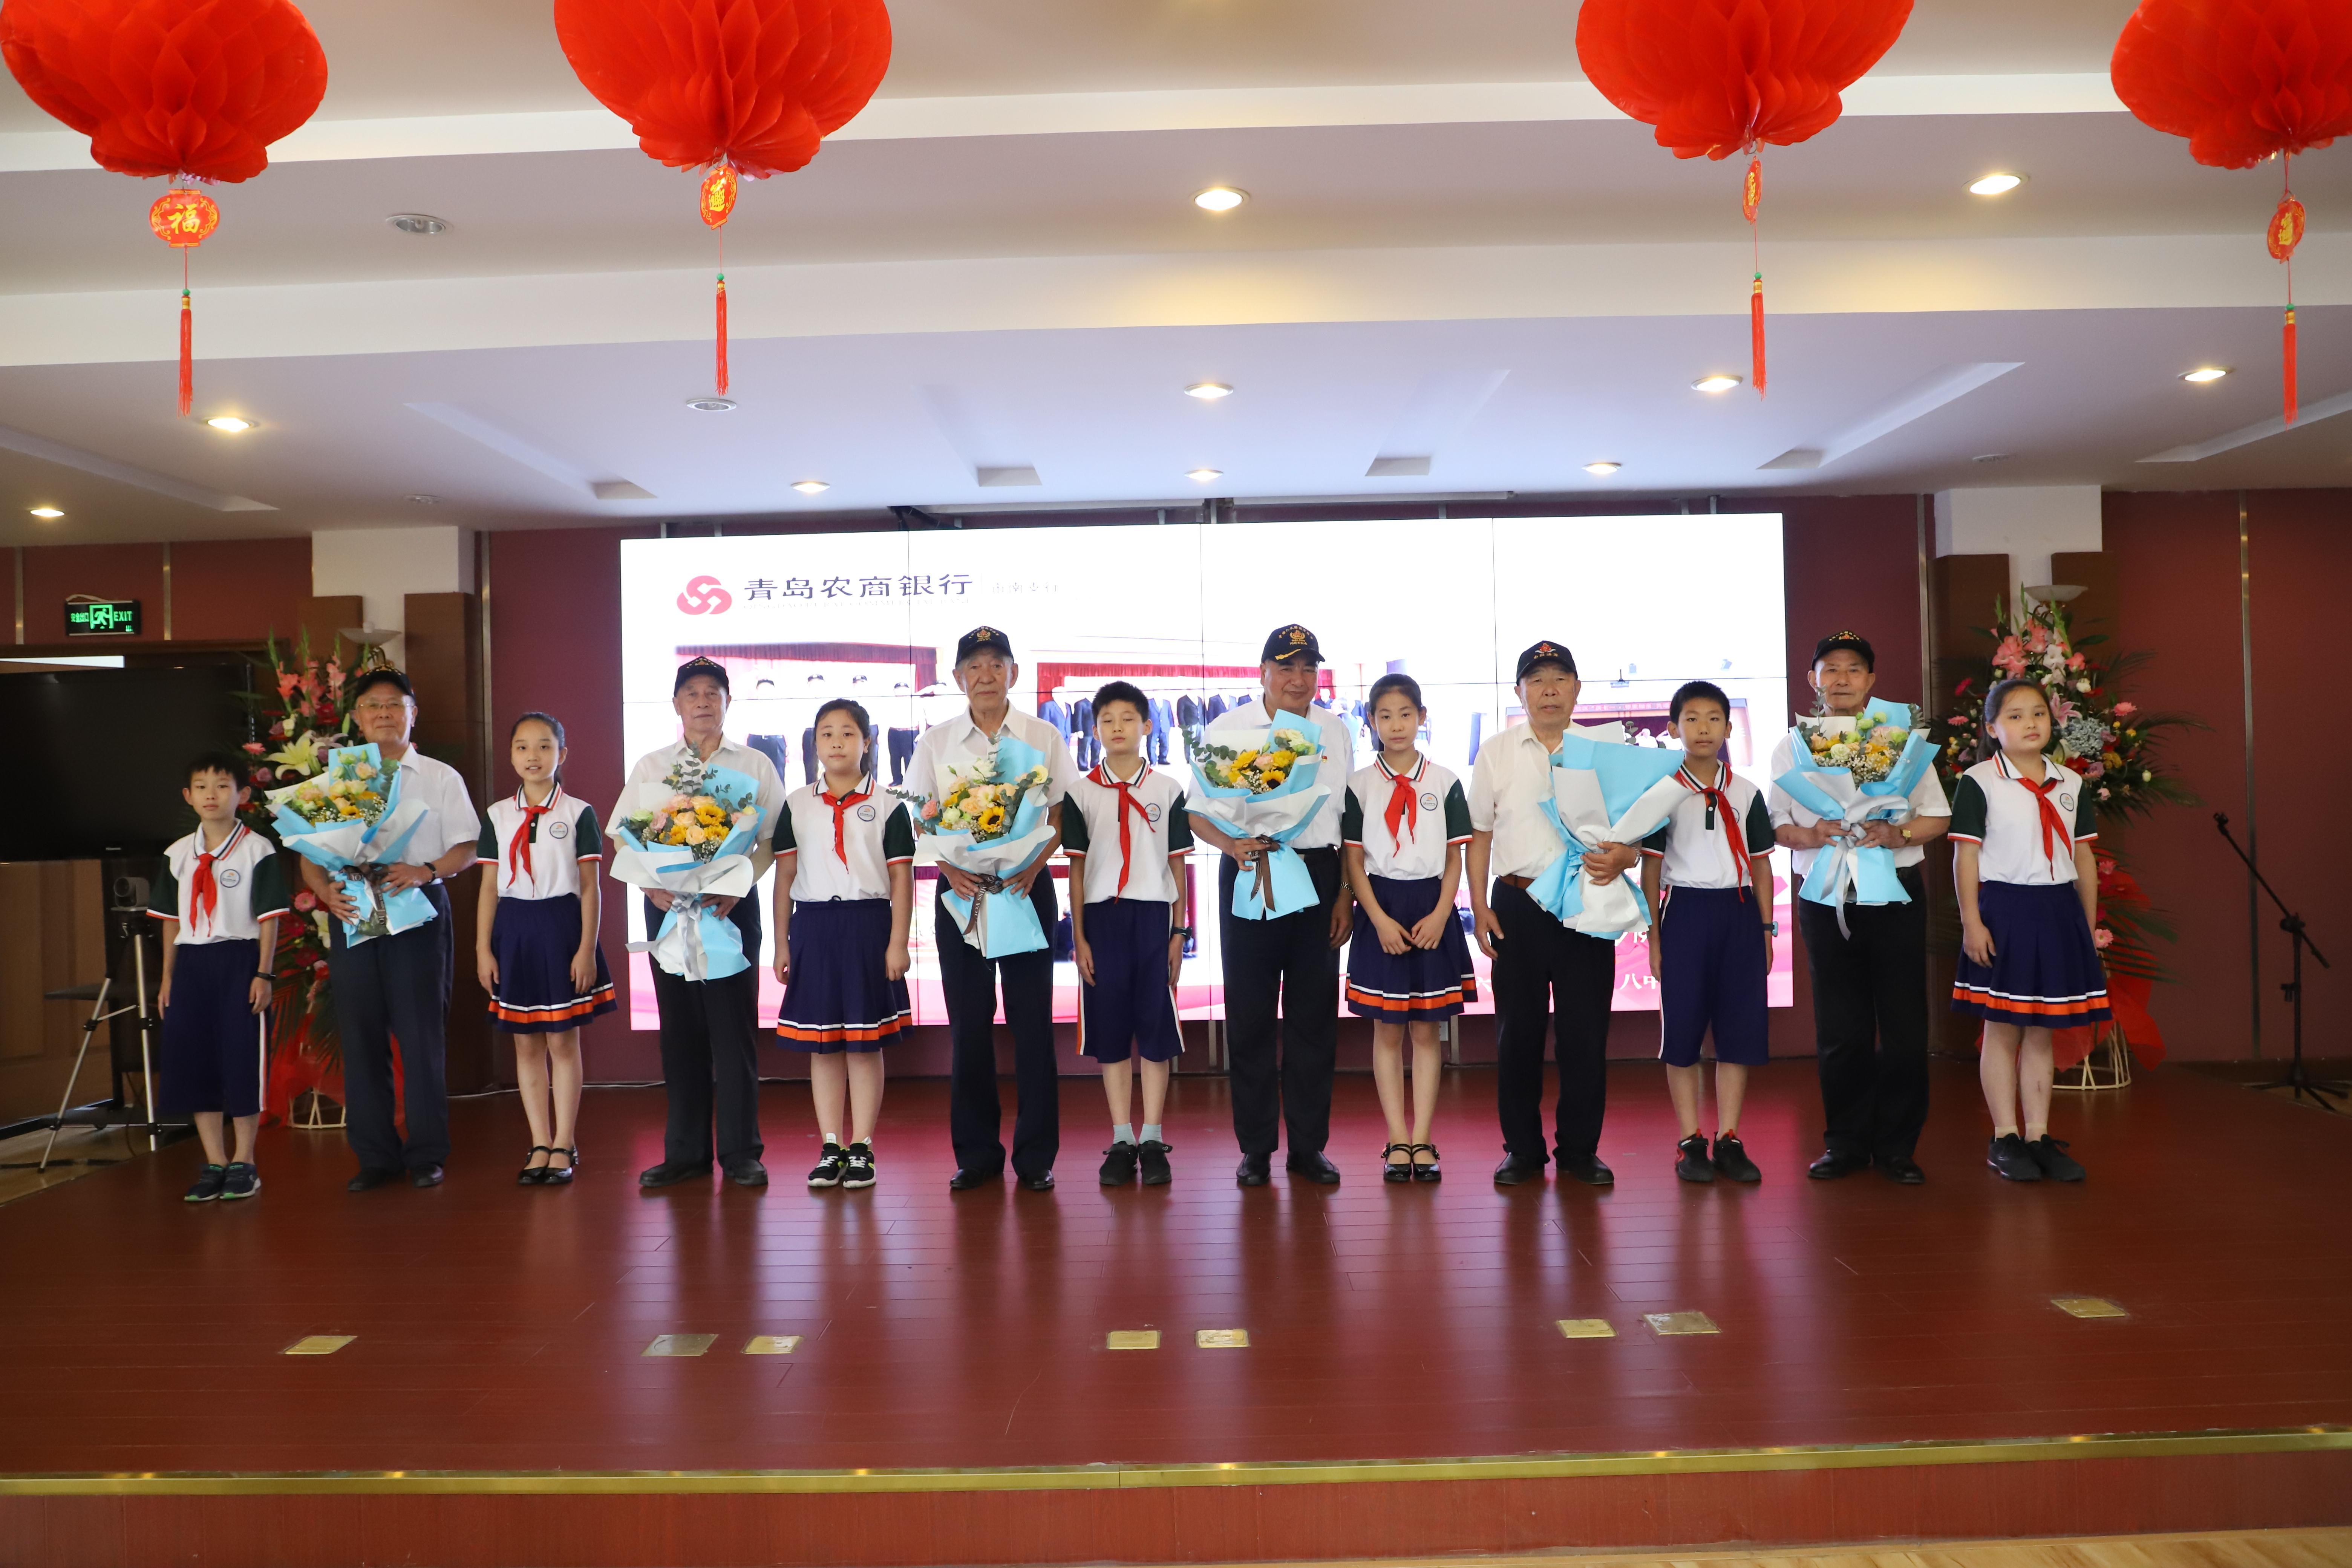 青岛农商银行市南支行与市军休中心 联合举办庆祝八一建军节活动